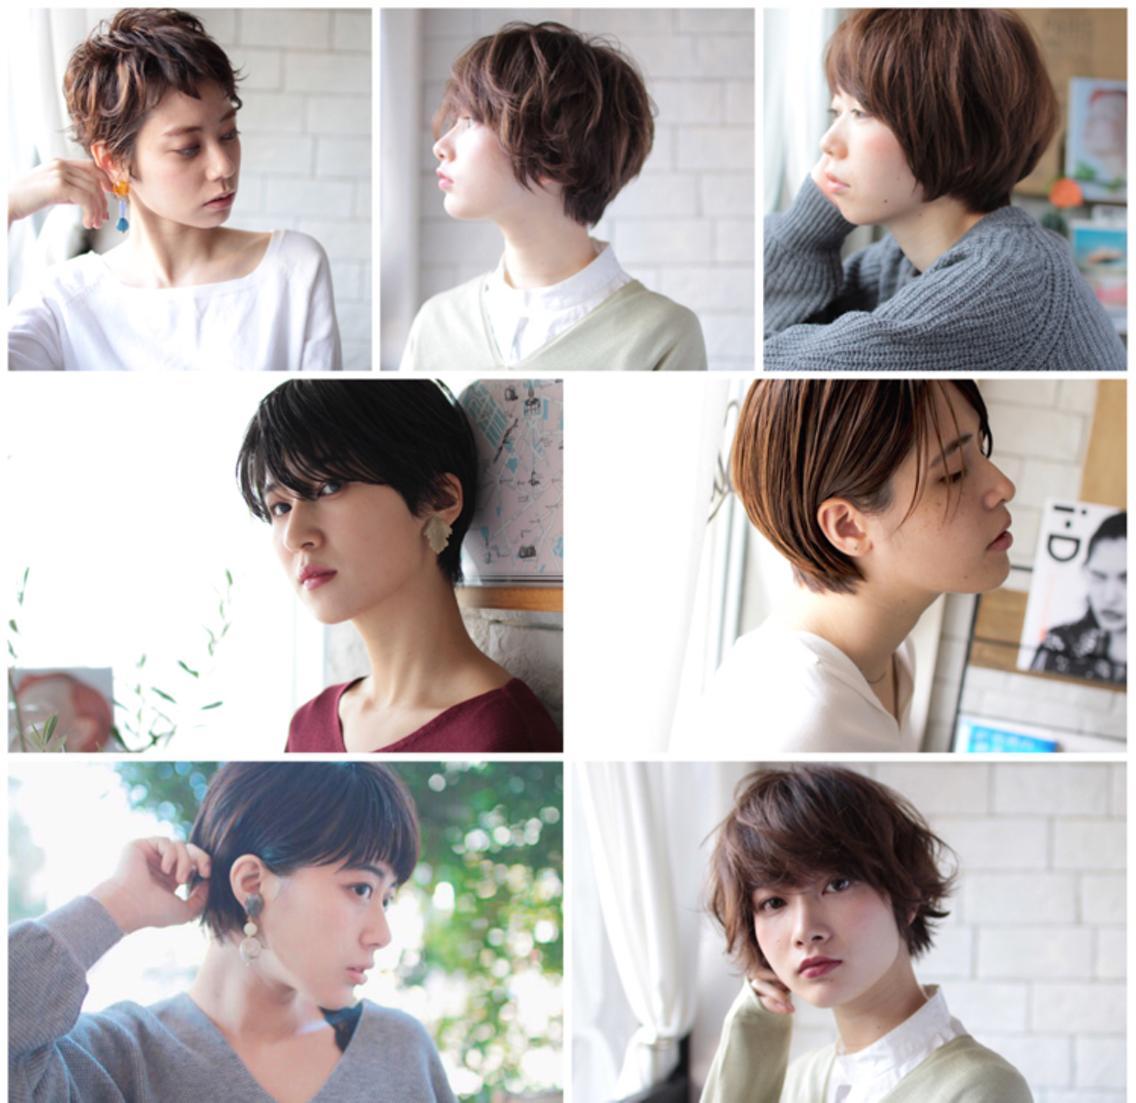 【前下がりショート】style☆カットモデル募集